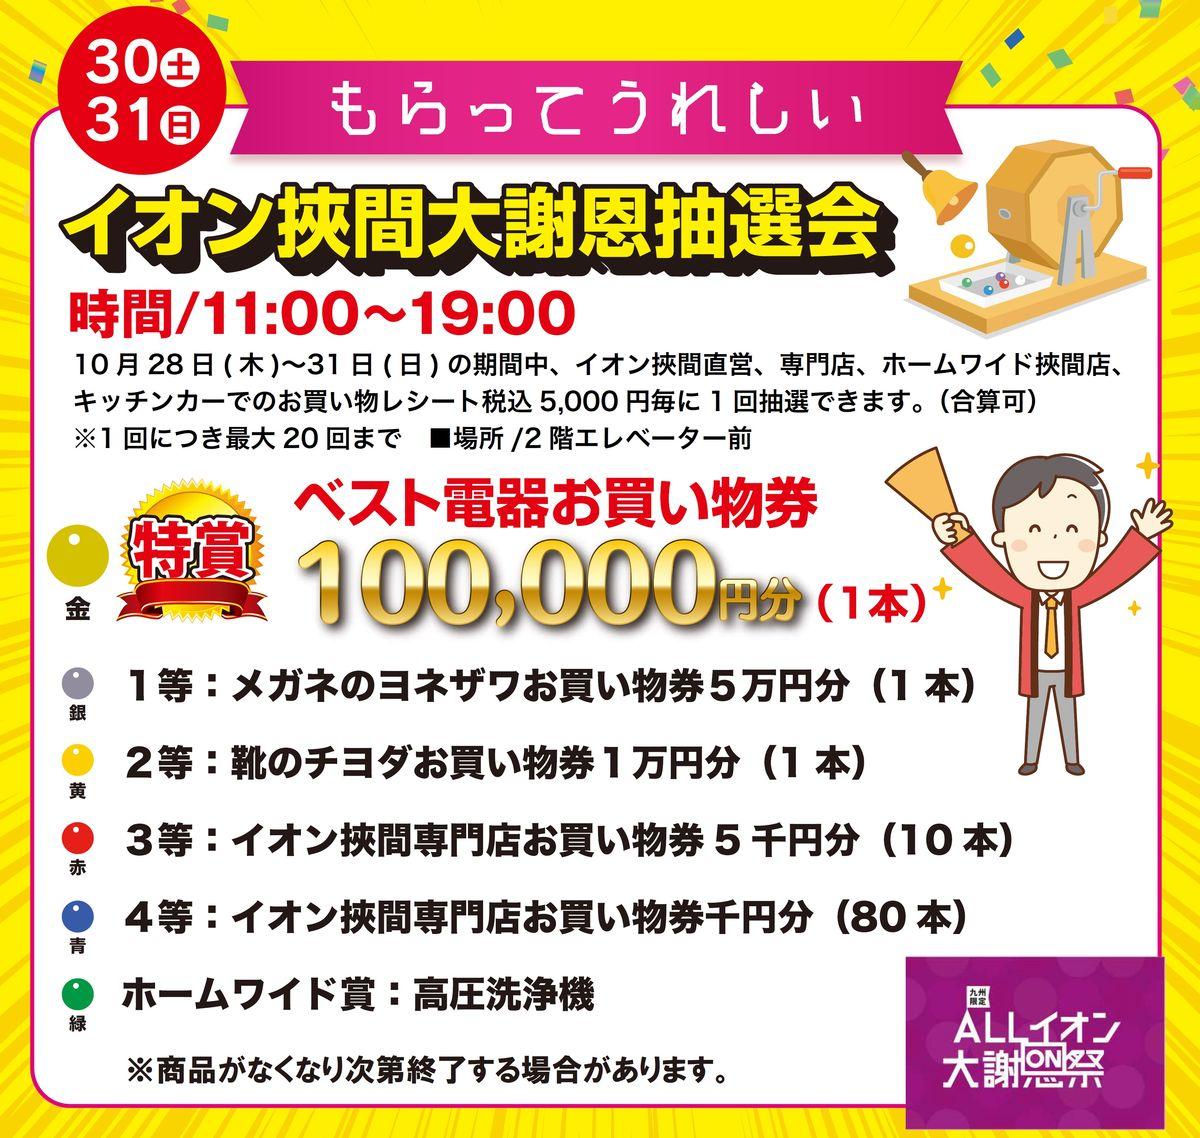 【注目イベント】10月28日(木)~31(日)の4日間、イオン挾間店にちょっと行ってみない?